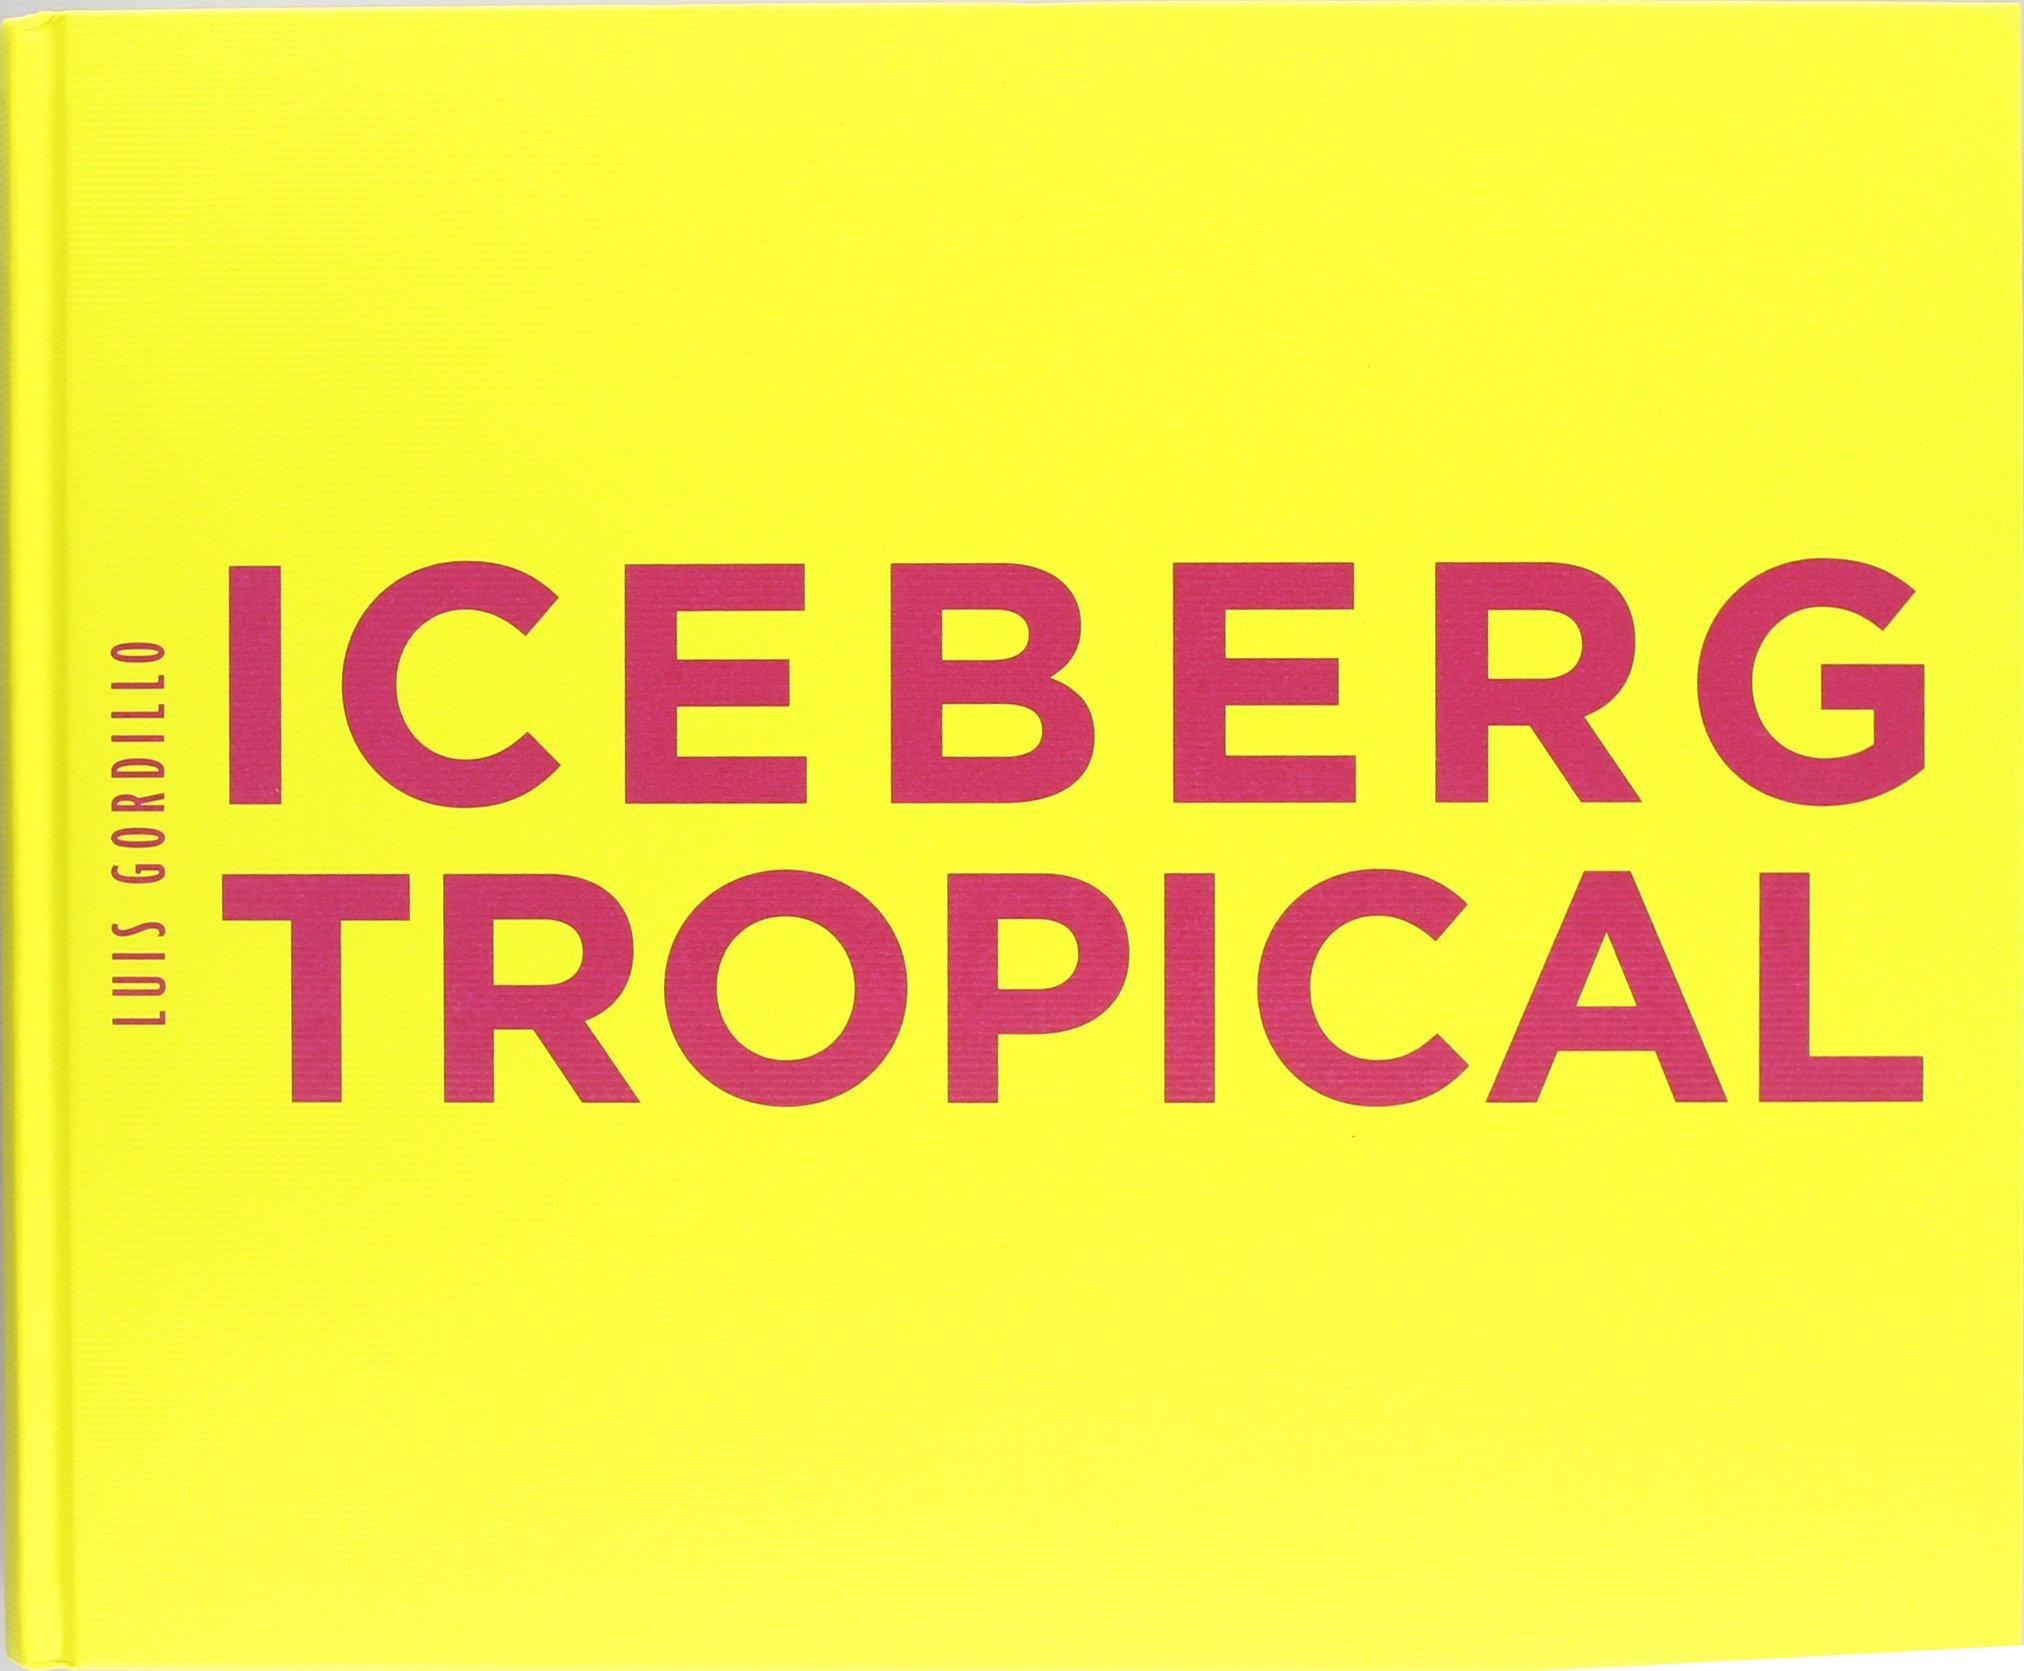 Iceberg tropical